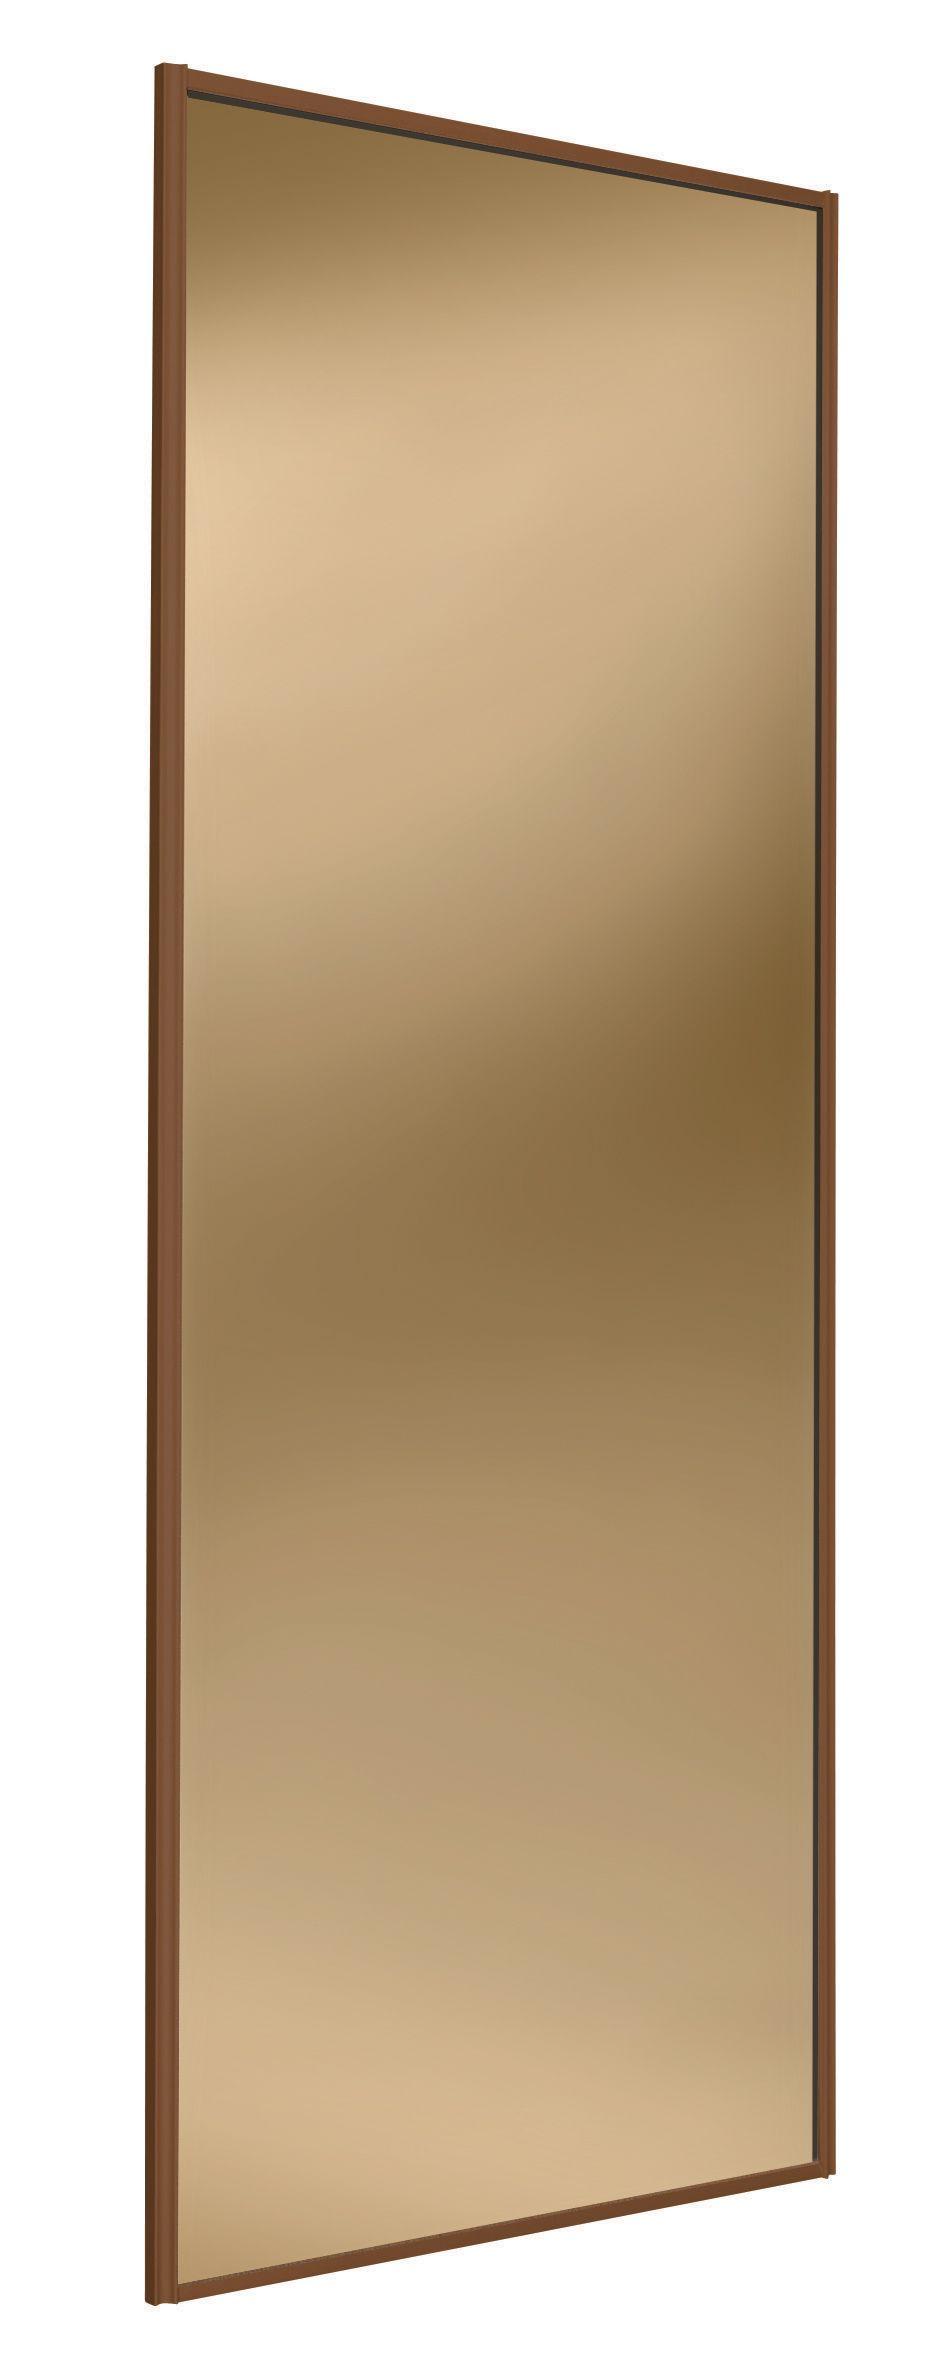 Full Length Mirror Bronze Sliding Wardrobe Door H 2220 Mm